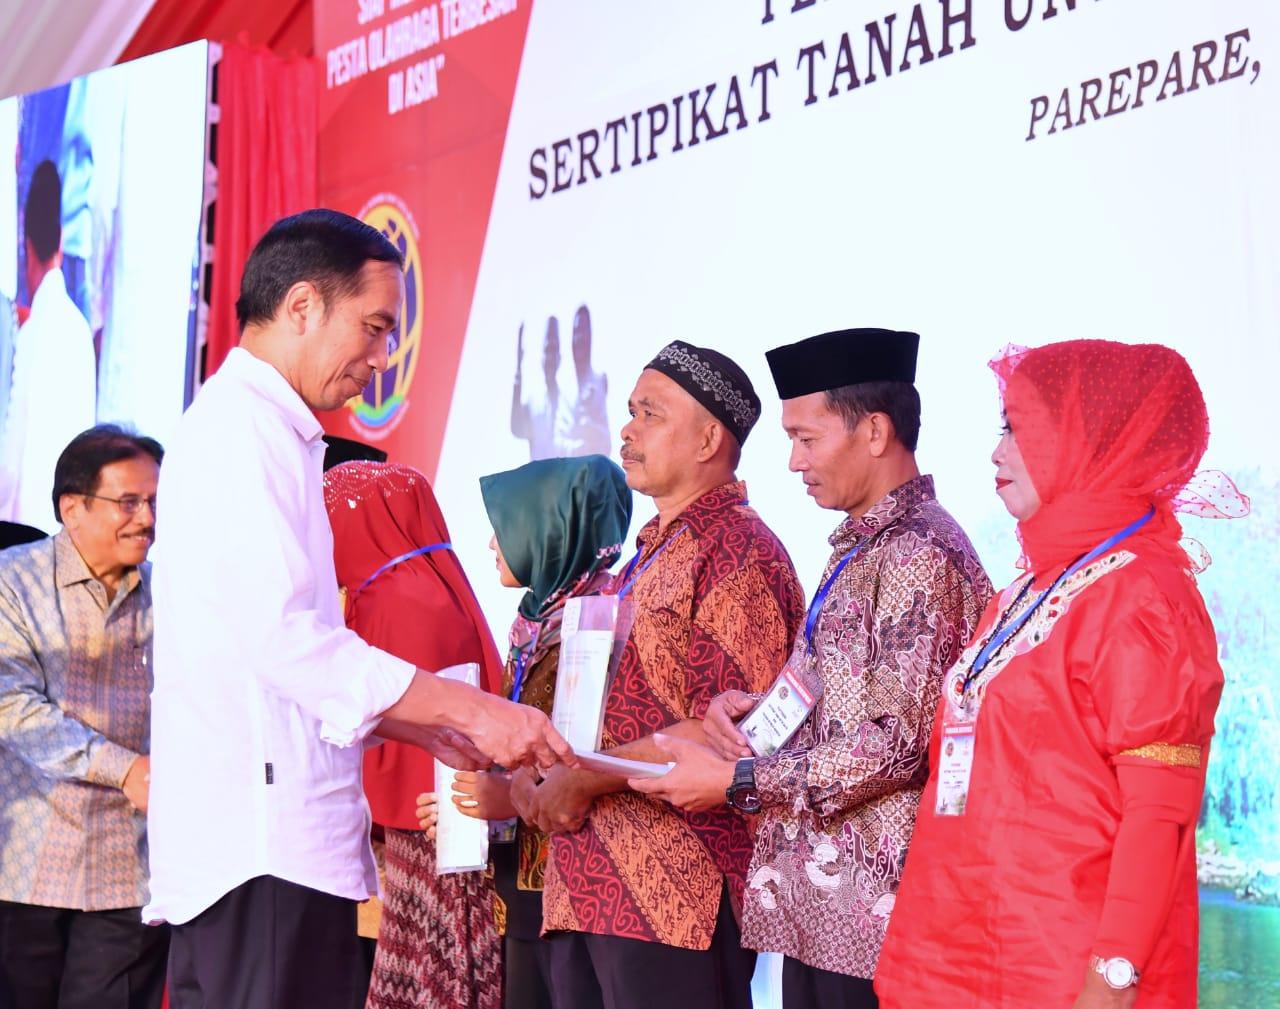 Presiden Jokowi Serahkan 5.000 Sertifikat untuk Warga Sulsel di Parepare